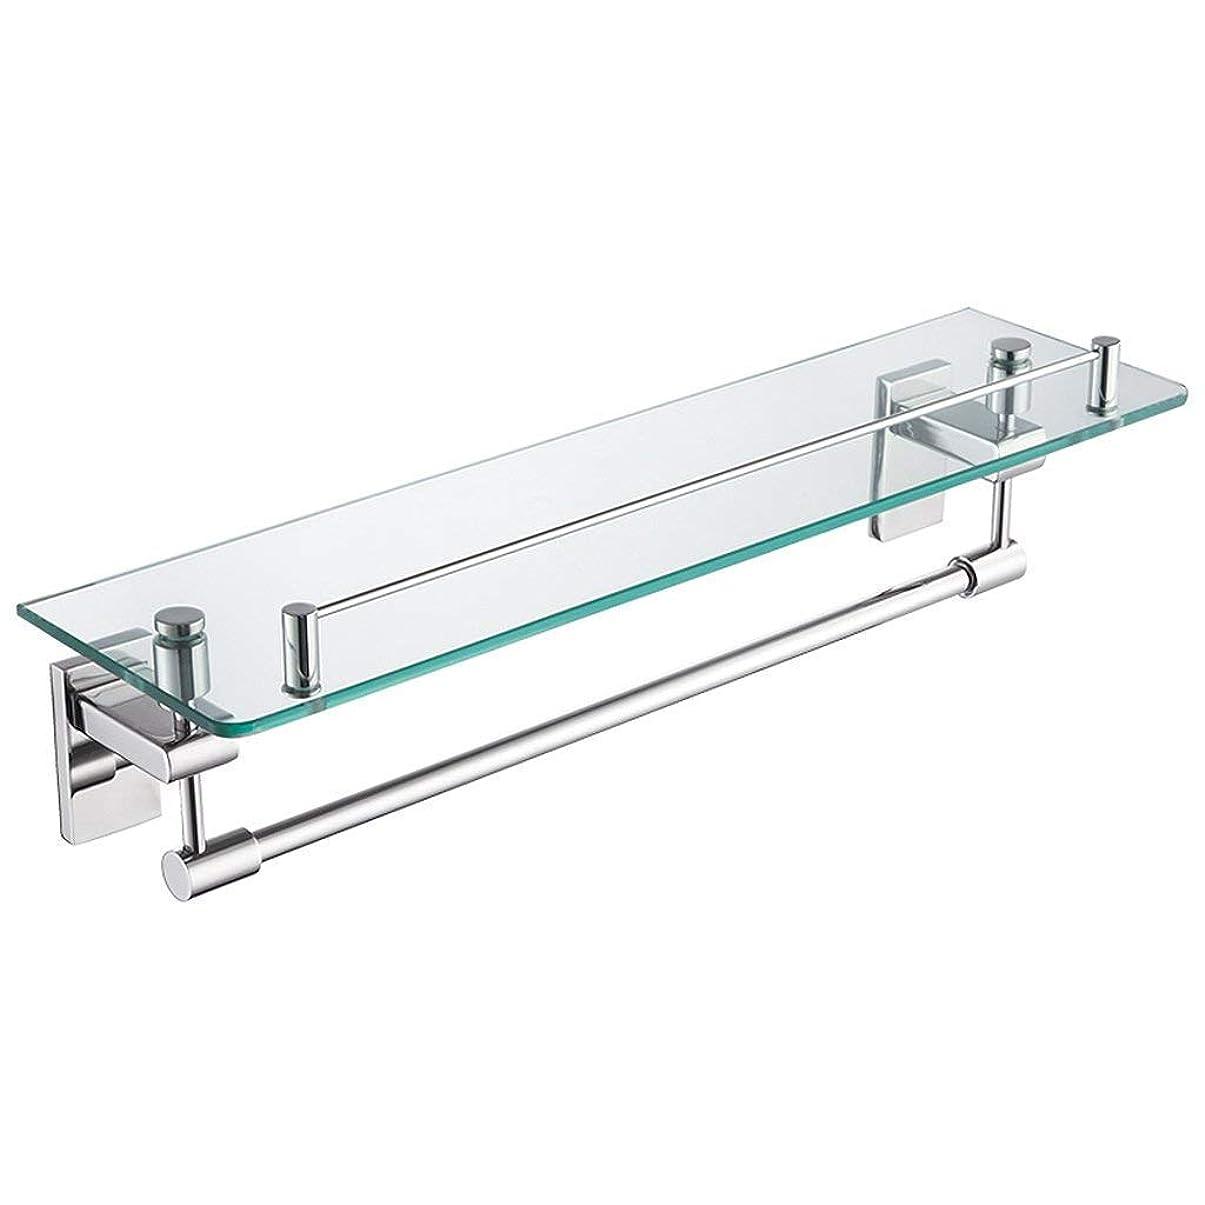 エキスパートバルセロナメドレーDXX-HR ガラスのバスルーム棚、ステンレス鋼の浴室トイレ、コートラック、タオル掛け、13 * 13 * 47センチメートル